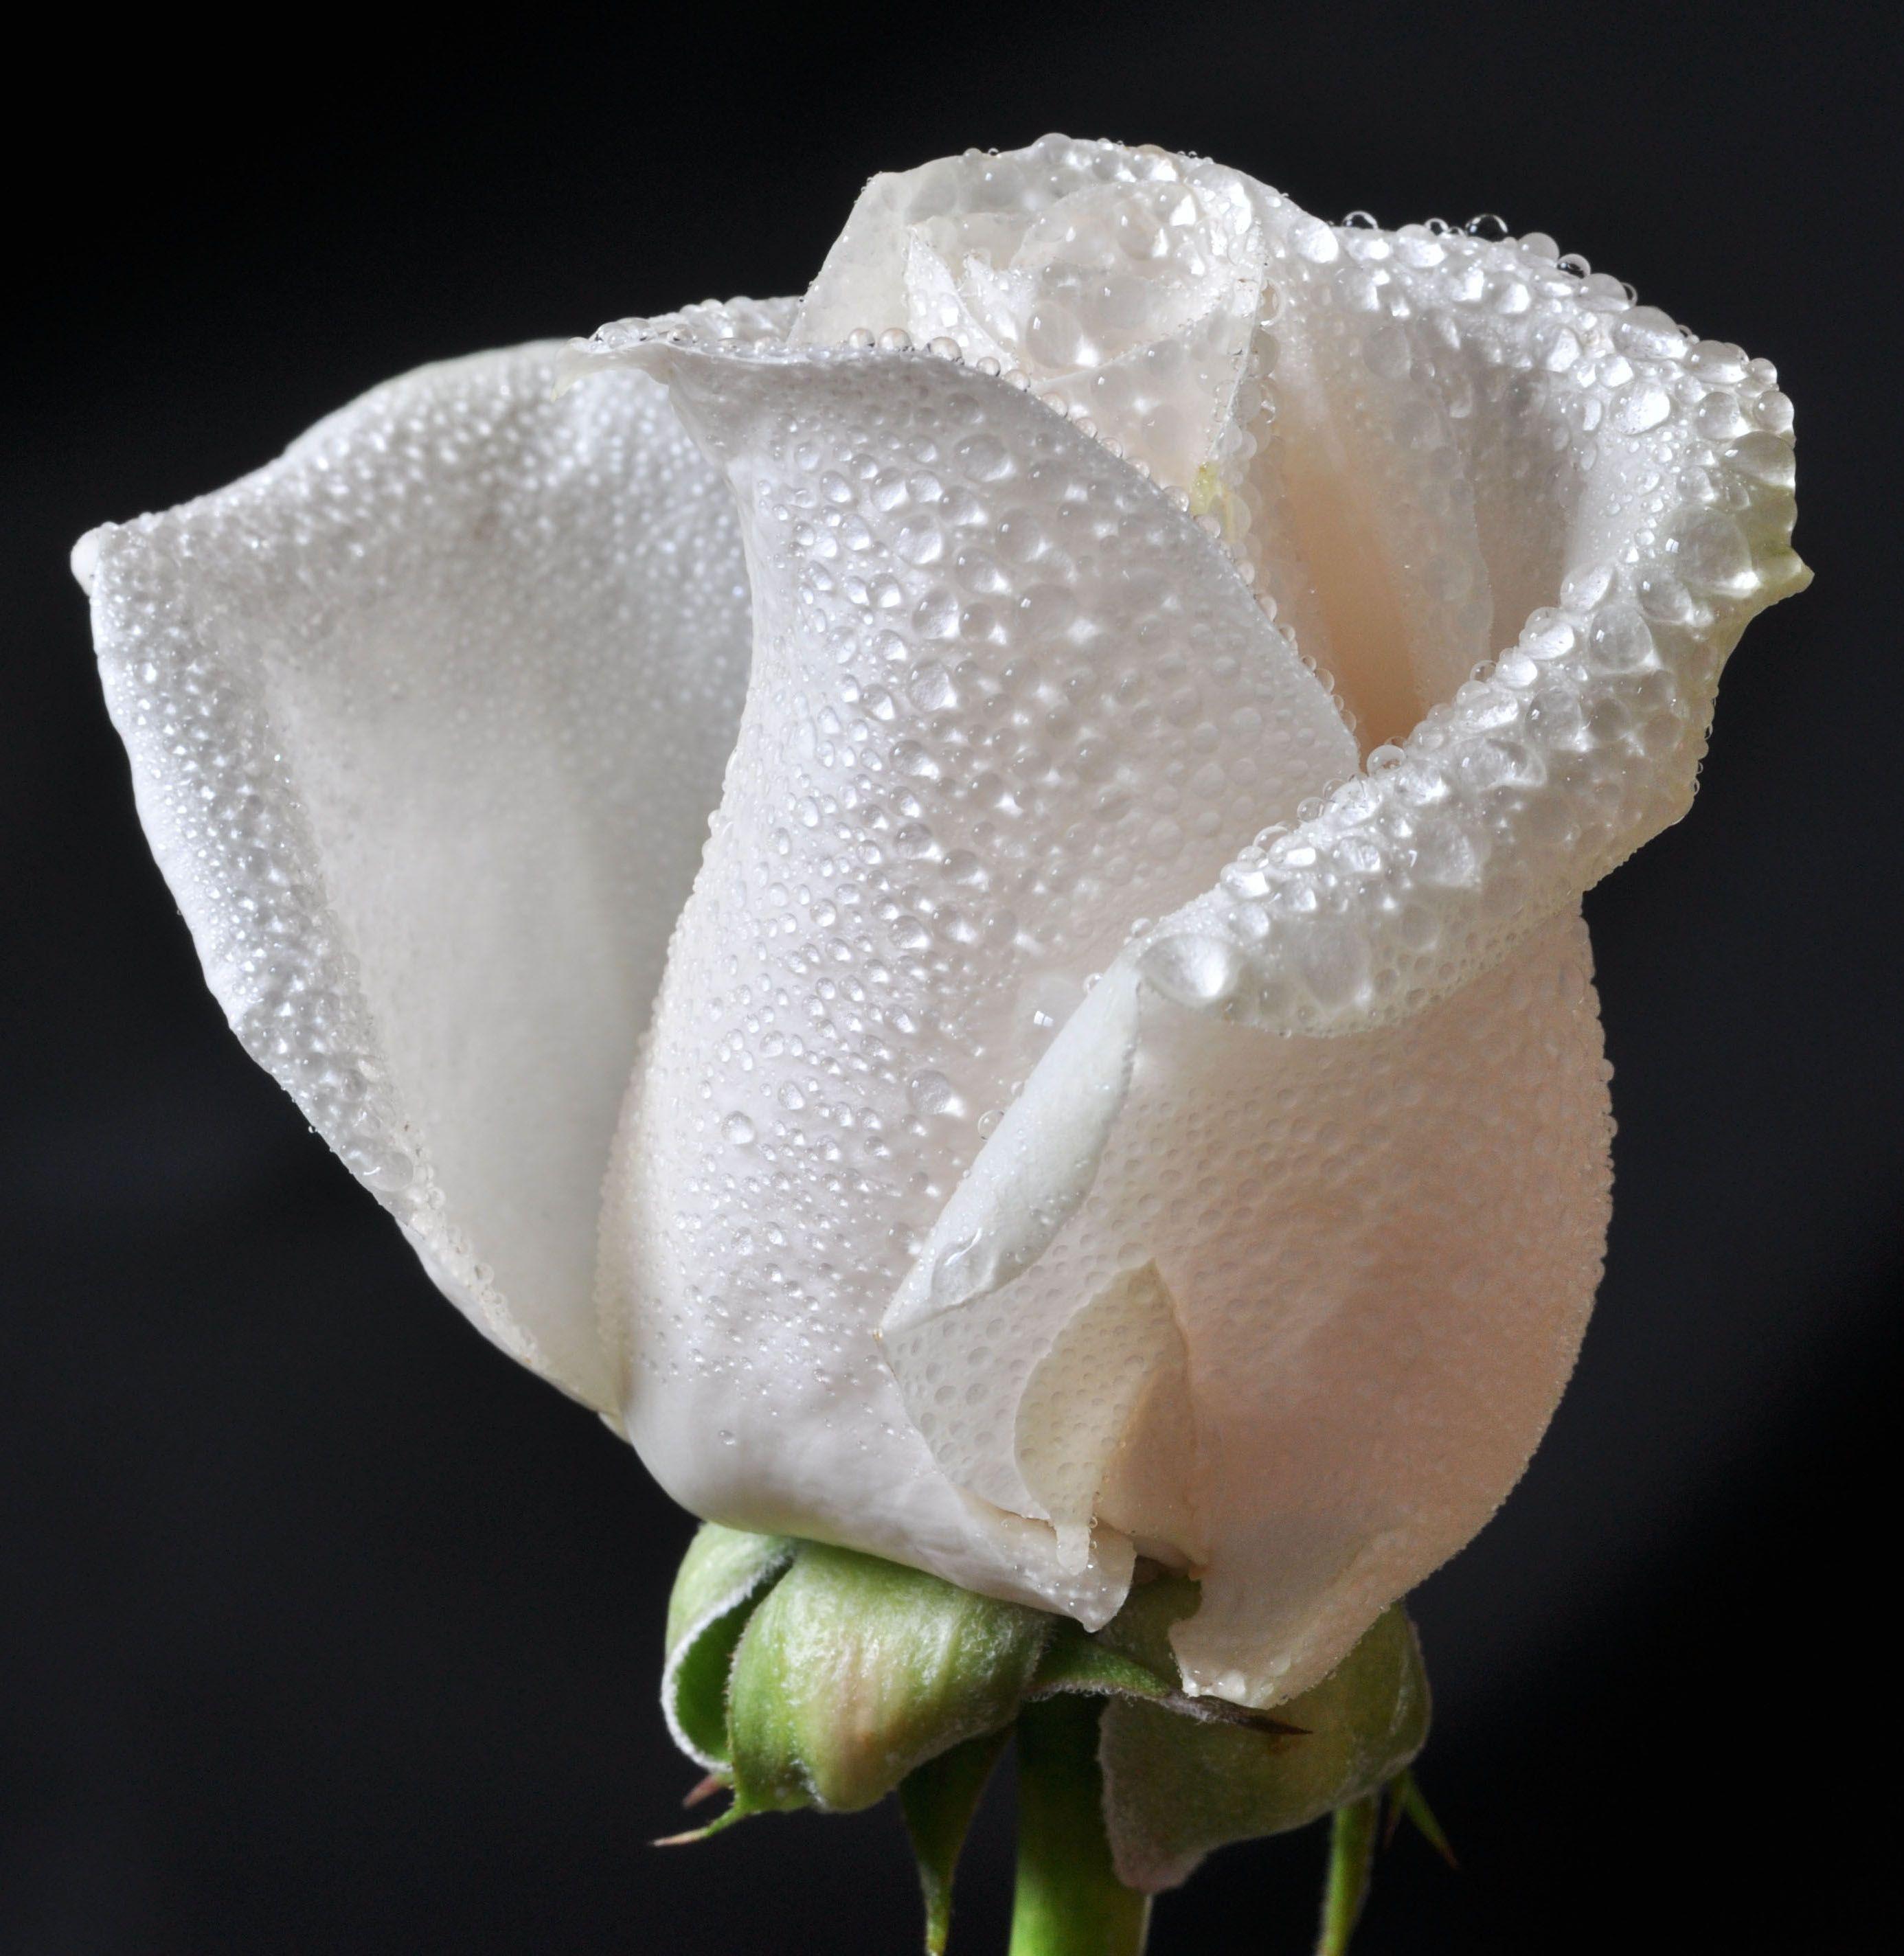 картинка белы бутон розы певица, чья